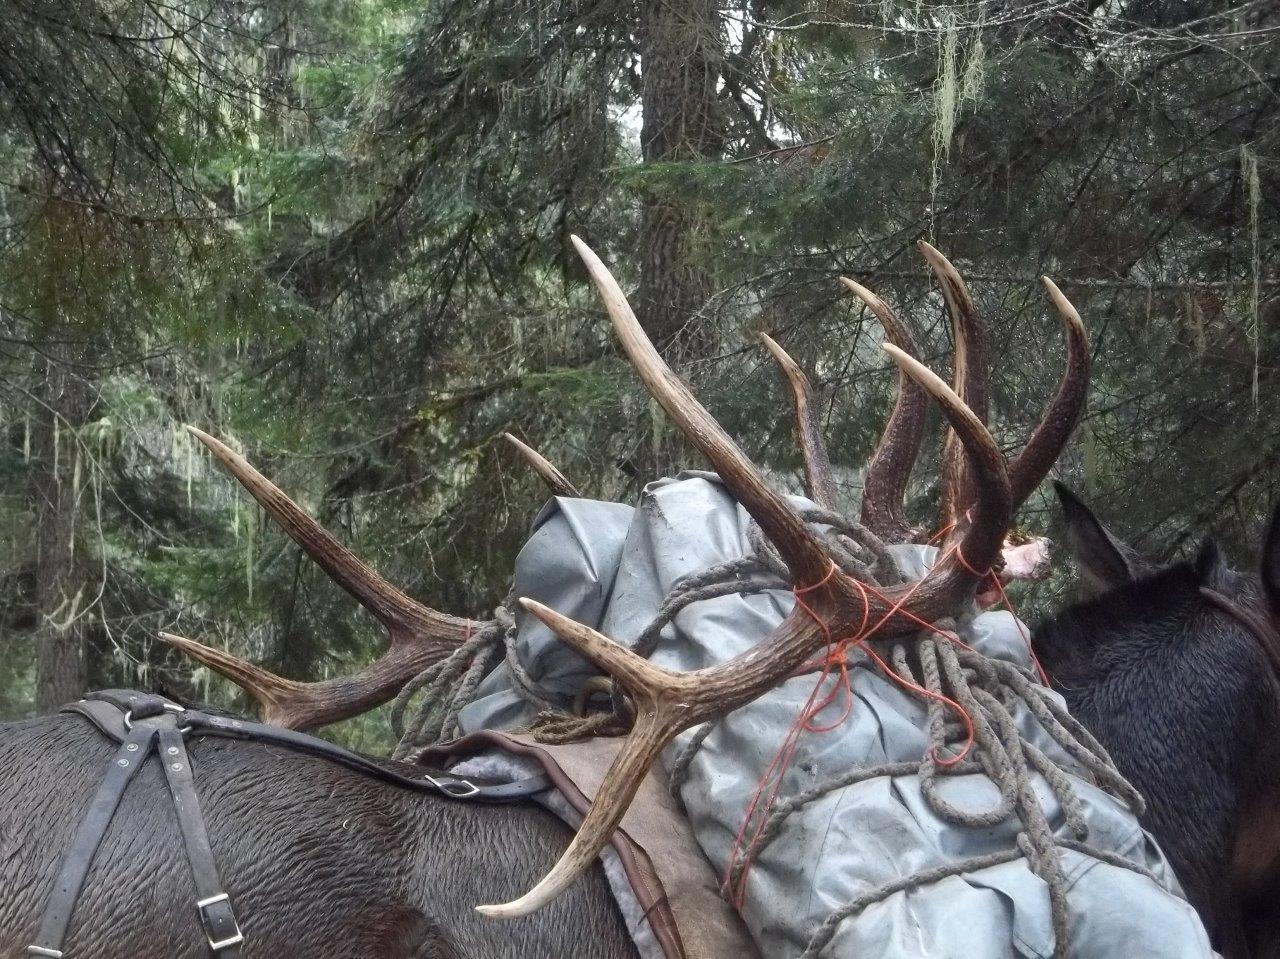 Elk-slide-on-horse566